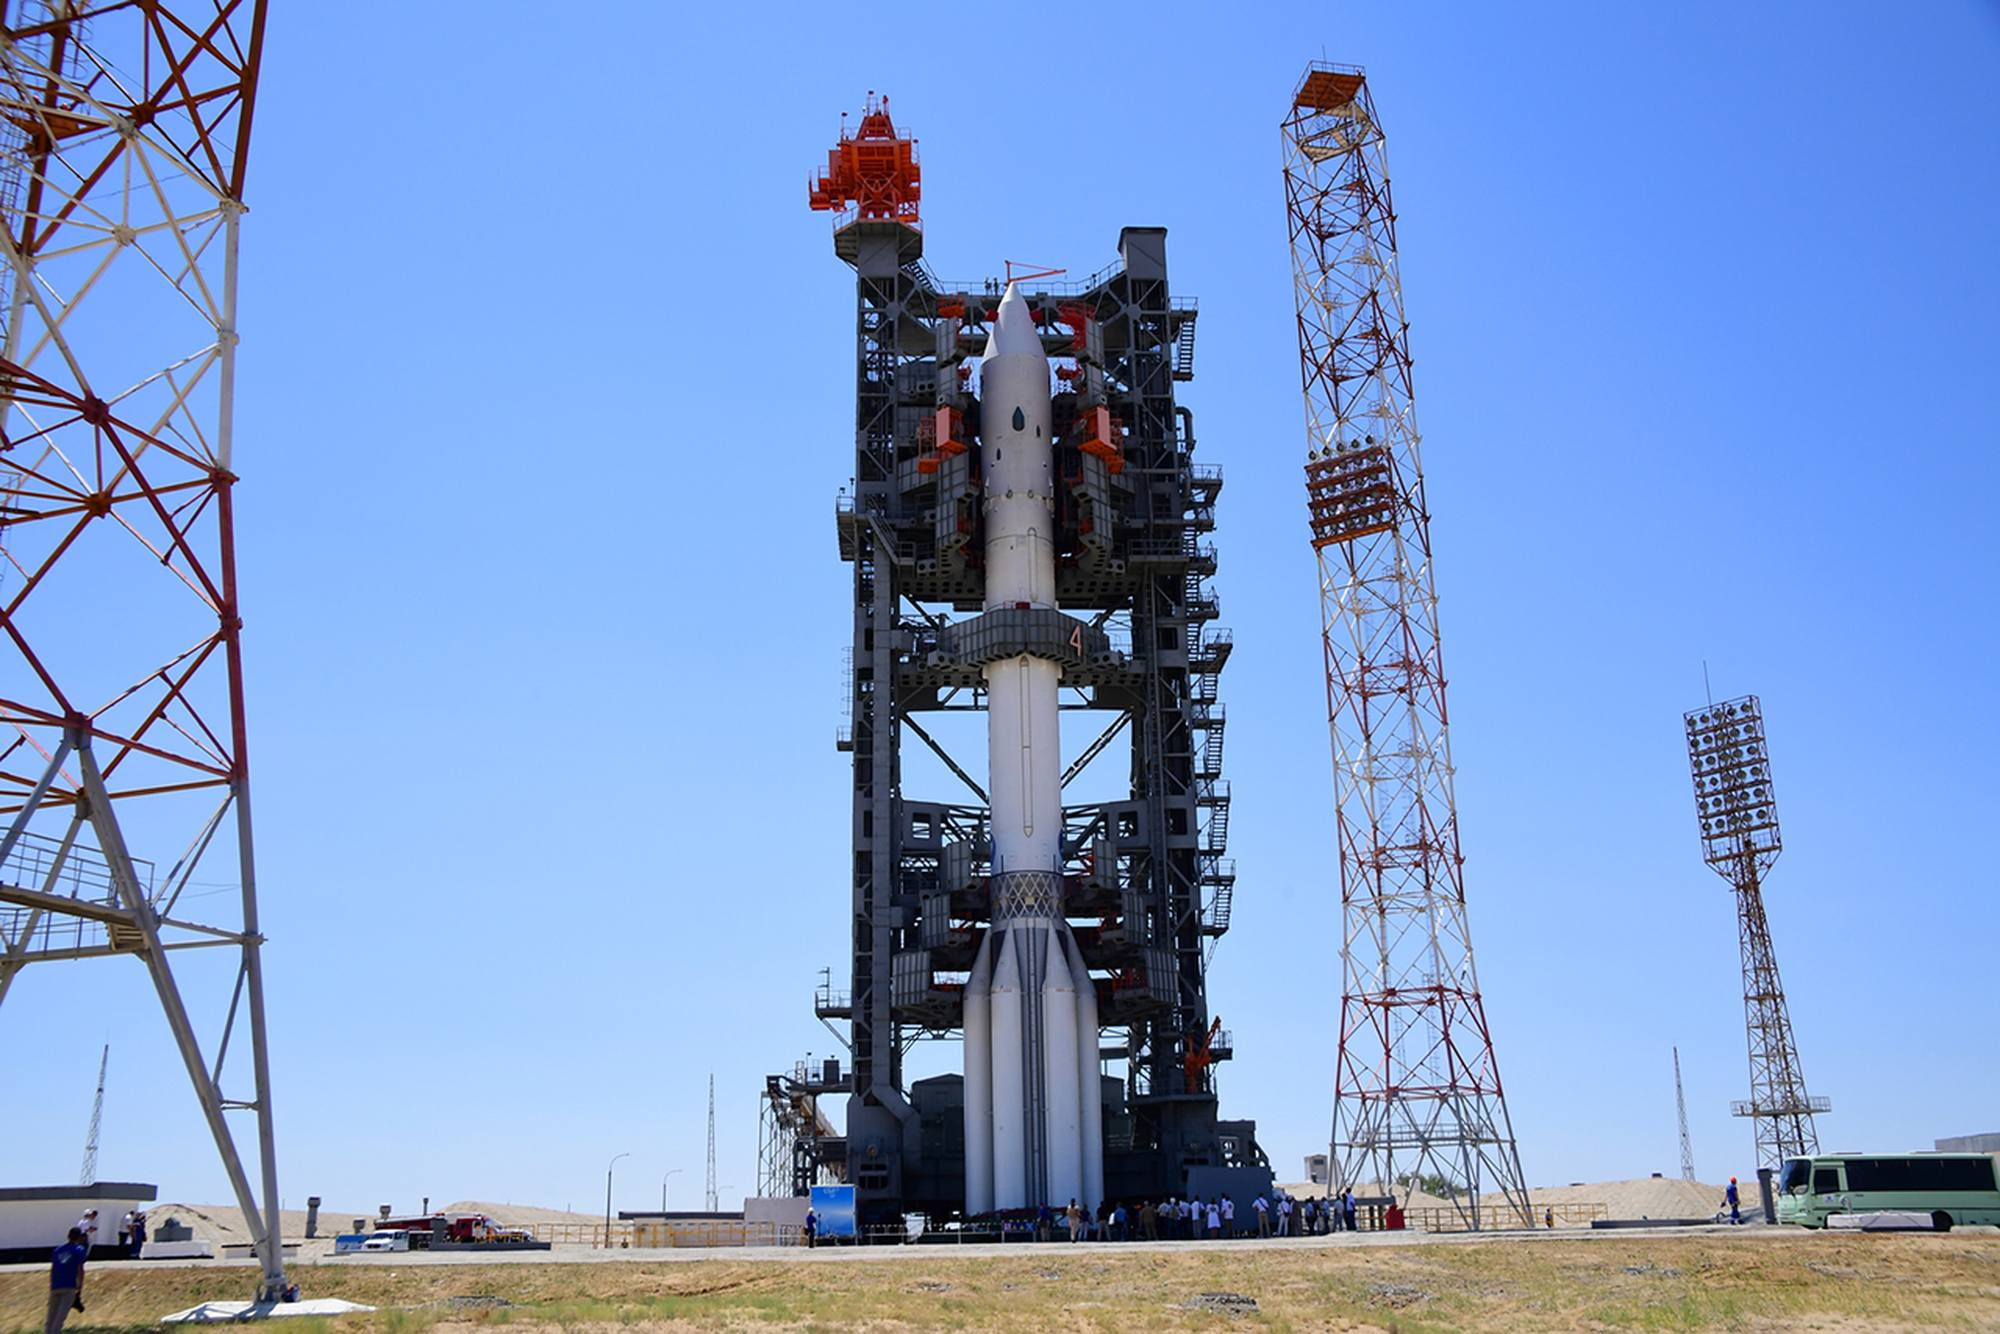 Les coursives d'accès de la tour mobile se referment sur le lanceur Proton.